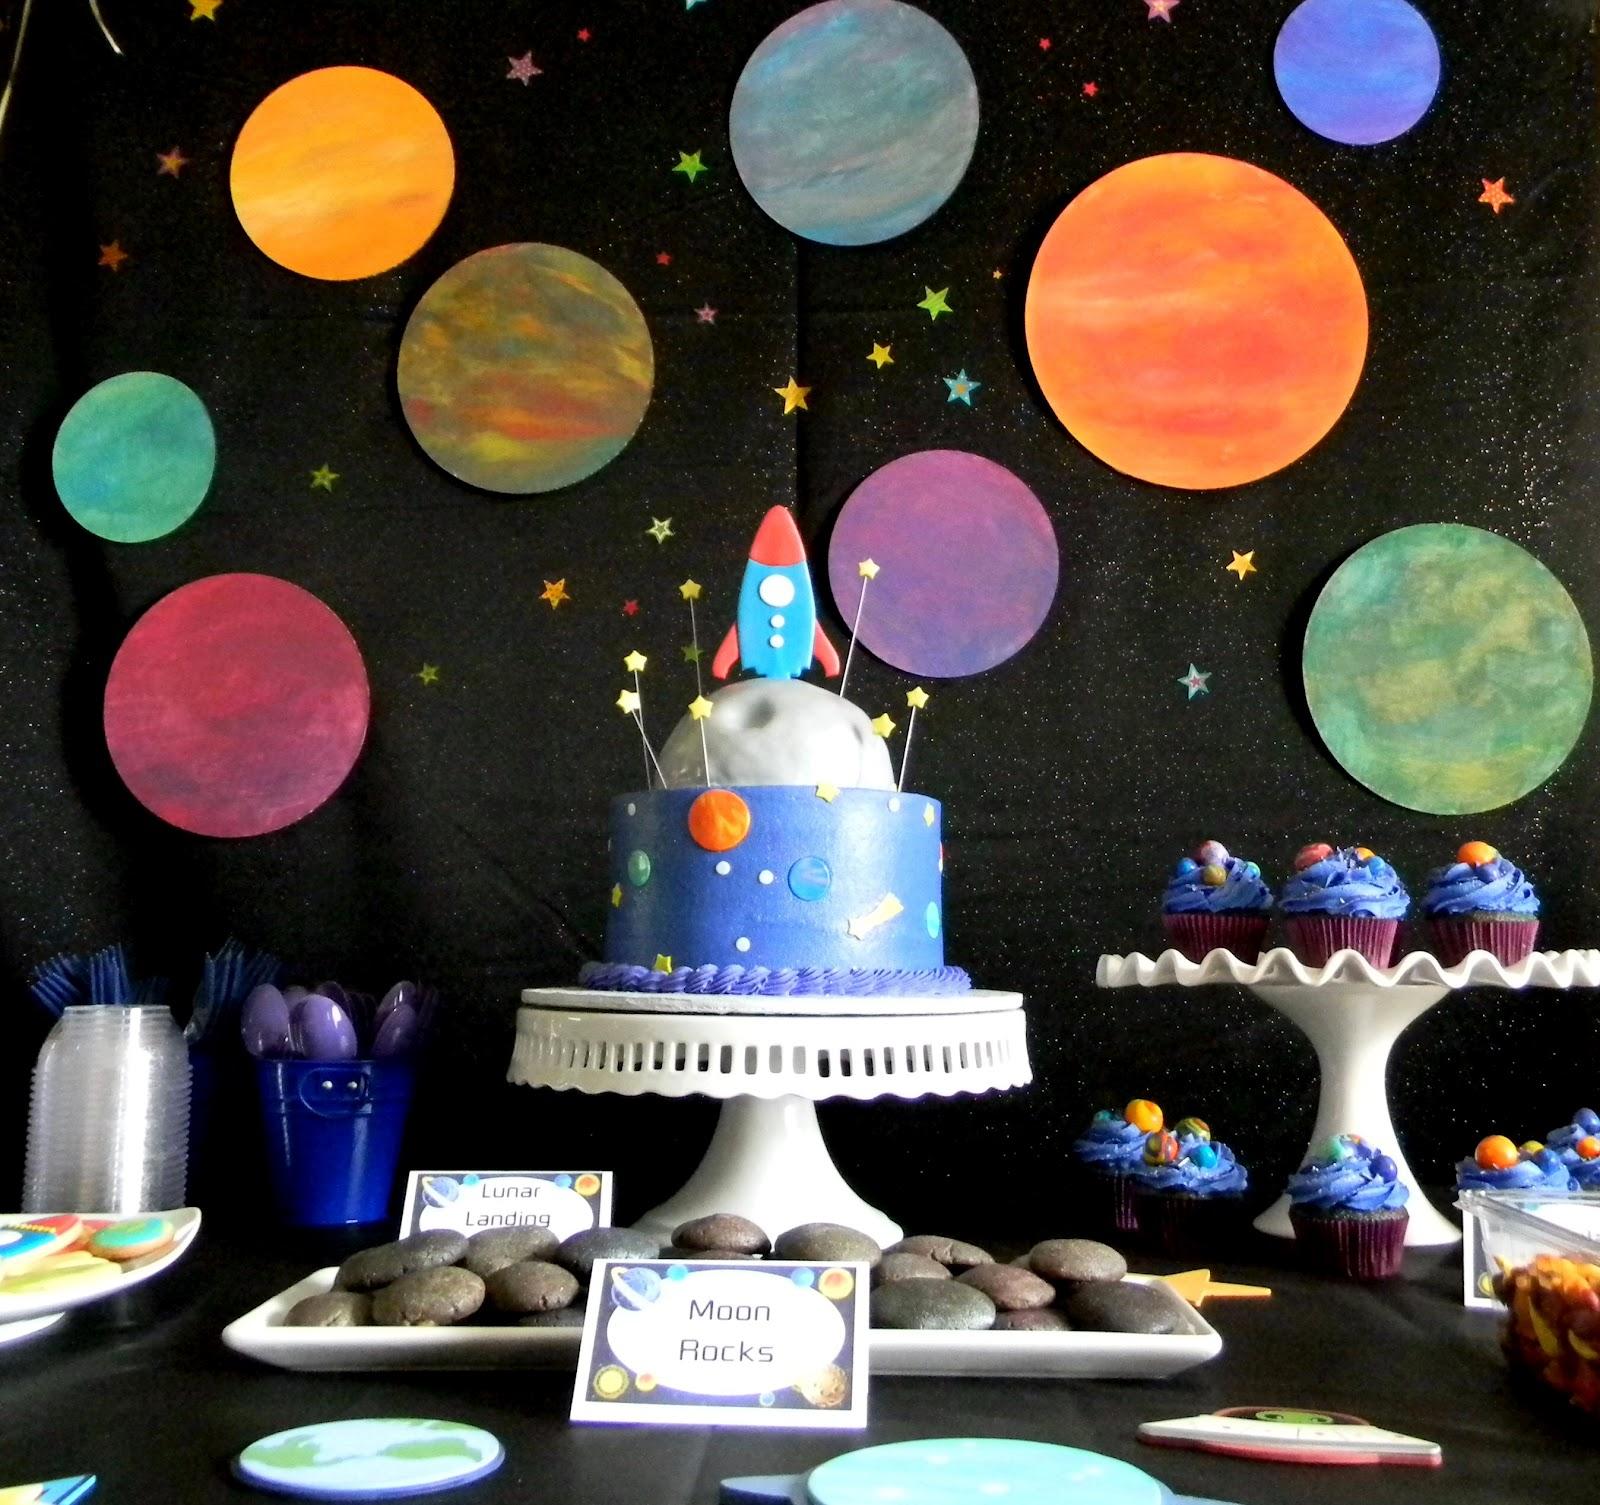 Космическая вечеринка, сценарий, оформление, конкурсы, наряды, дресс-код